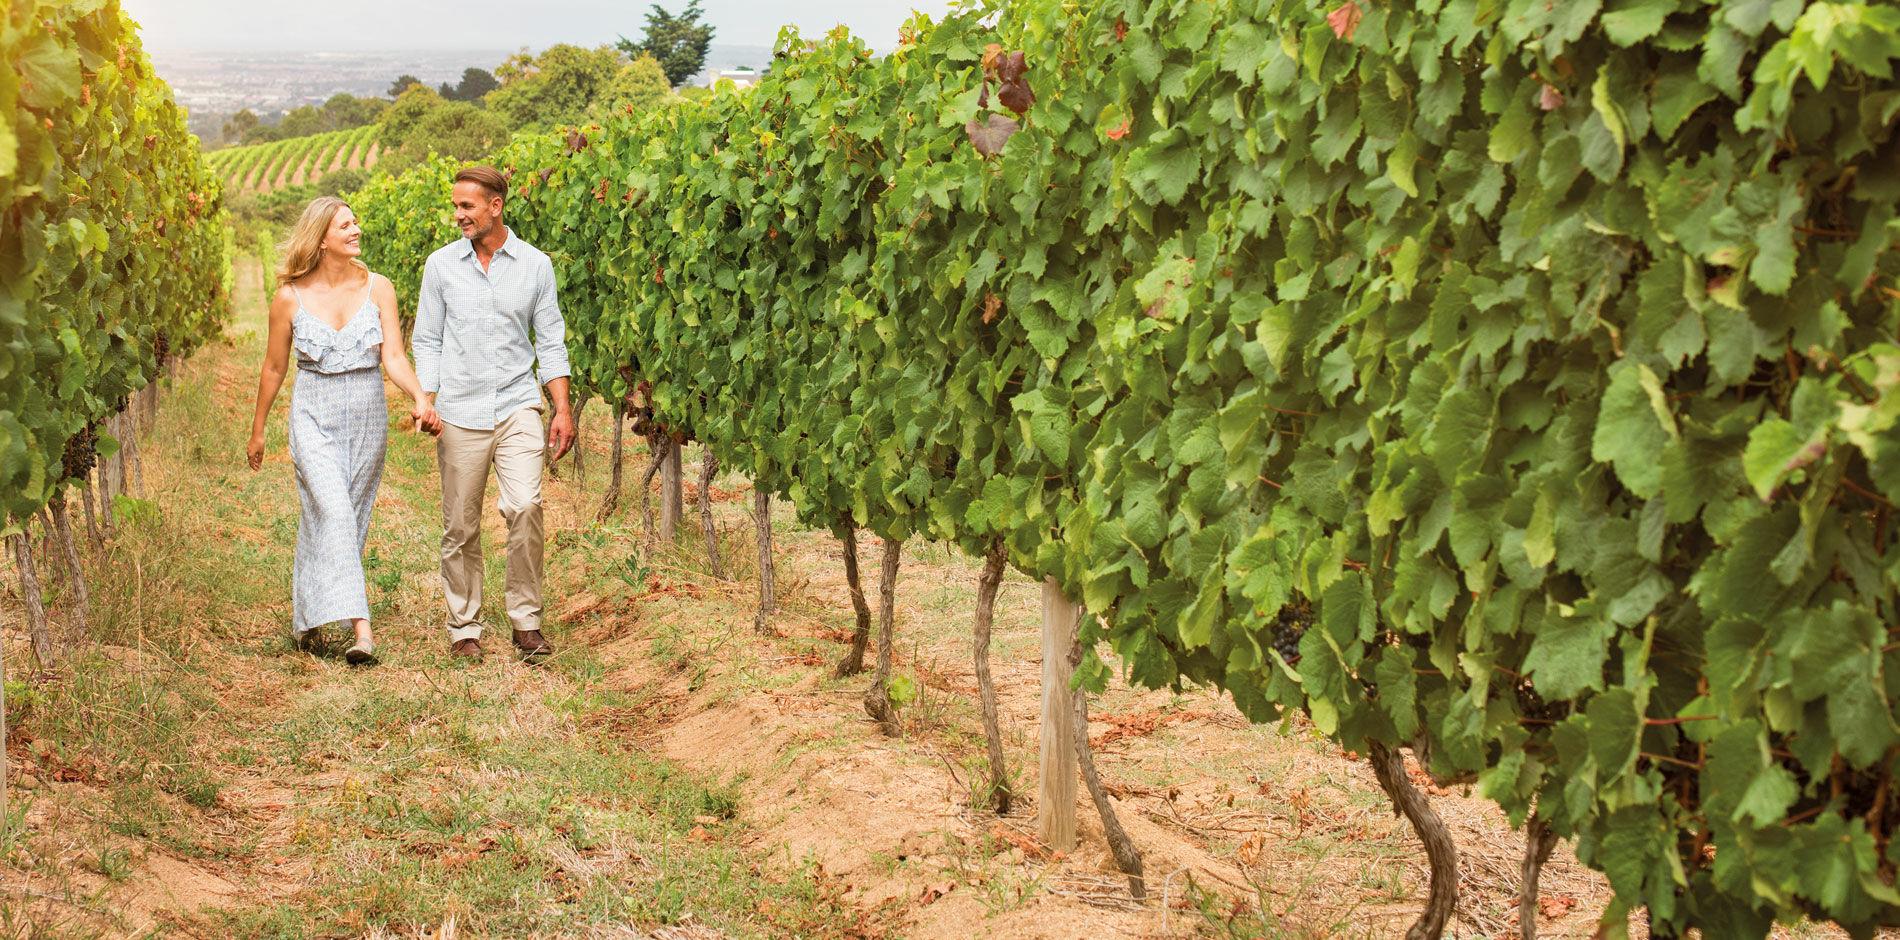 País de vino